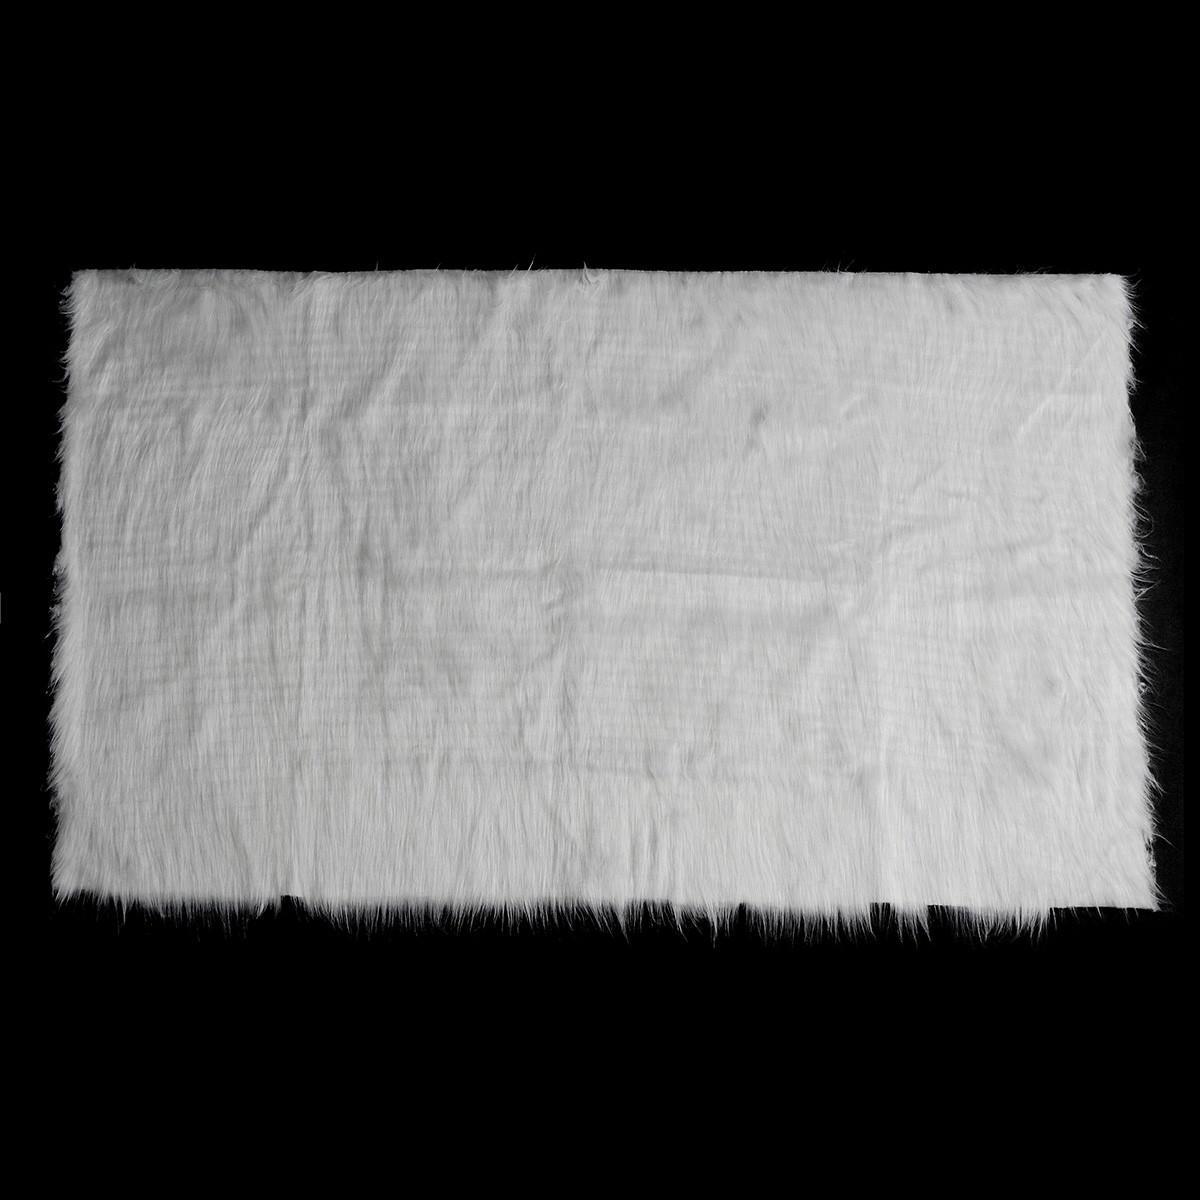 Fondali fotografici in tessuto di pelliccia bianca di pelliccia shaggy con tessuto lungo prop